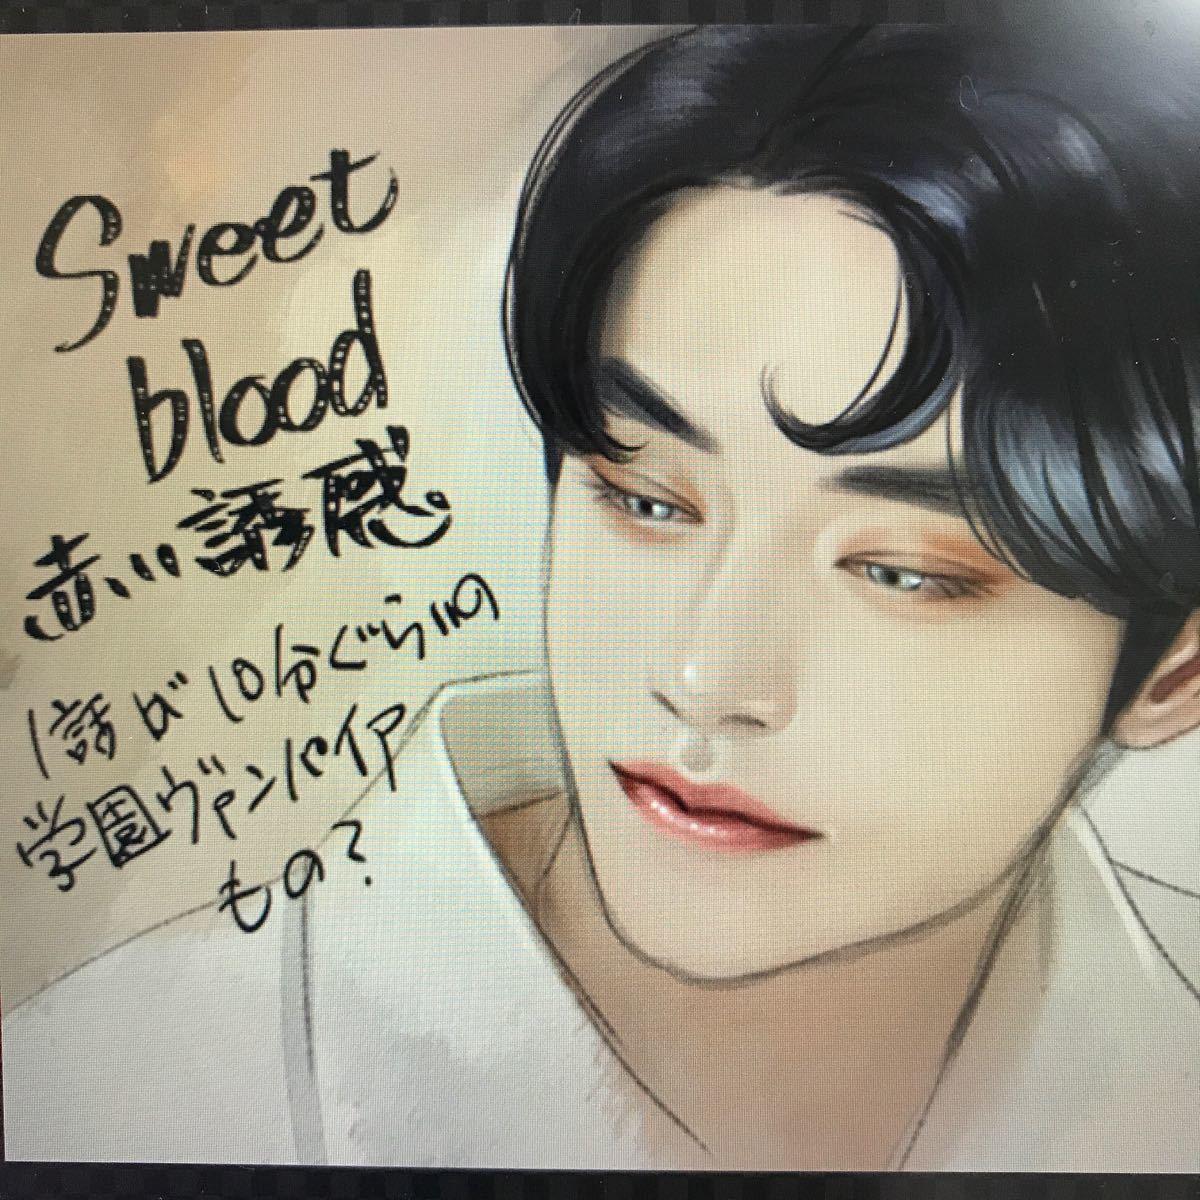 韓国ドラマ『Sweet Blood 〜赤い誘惑〜』全話 DVD 1枚